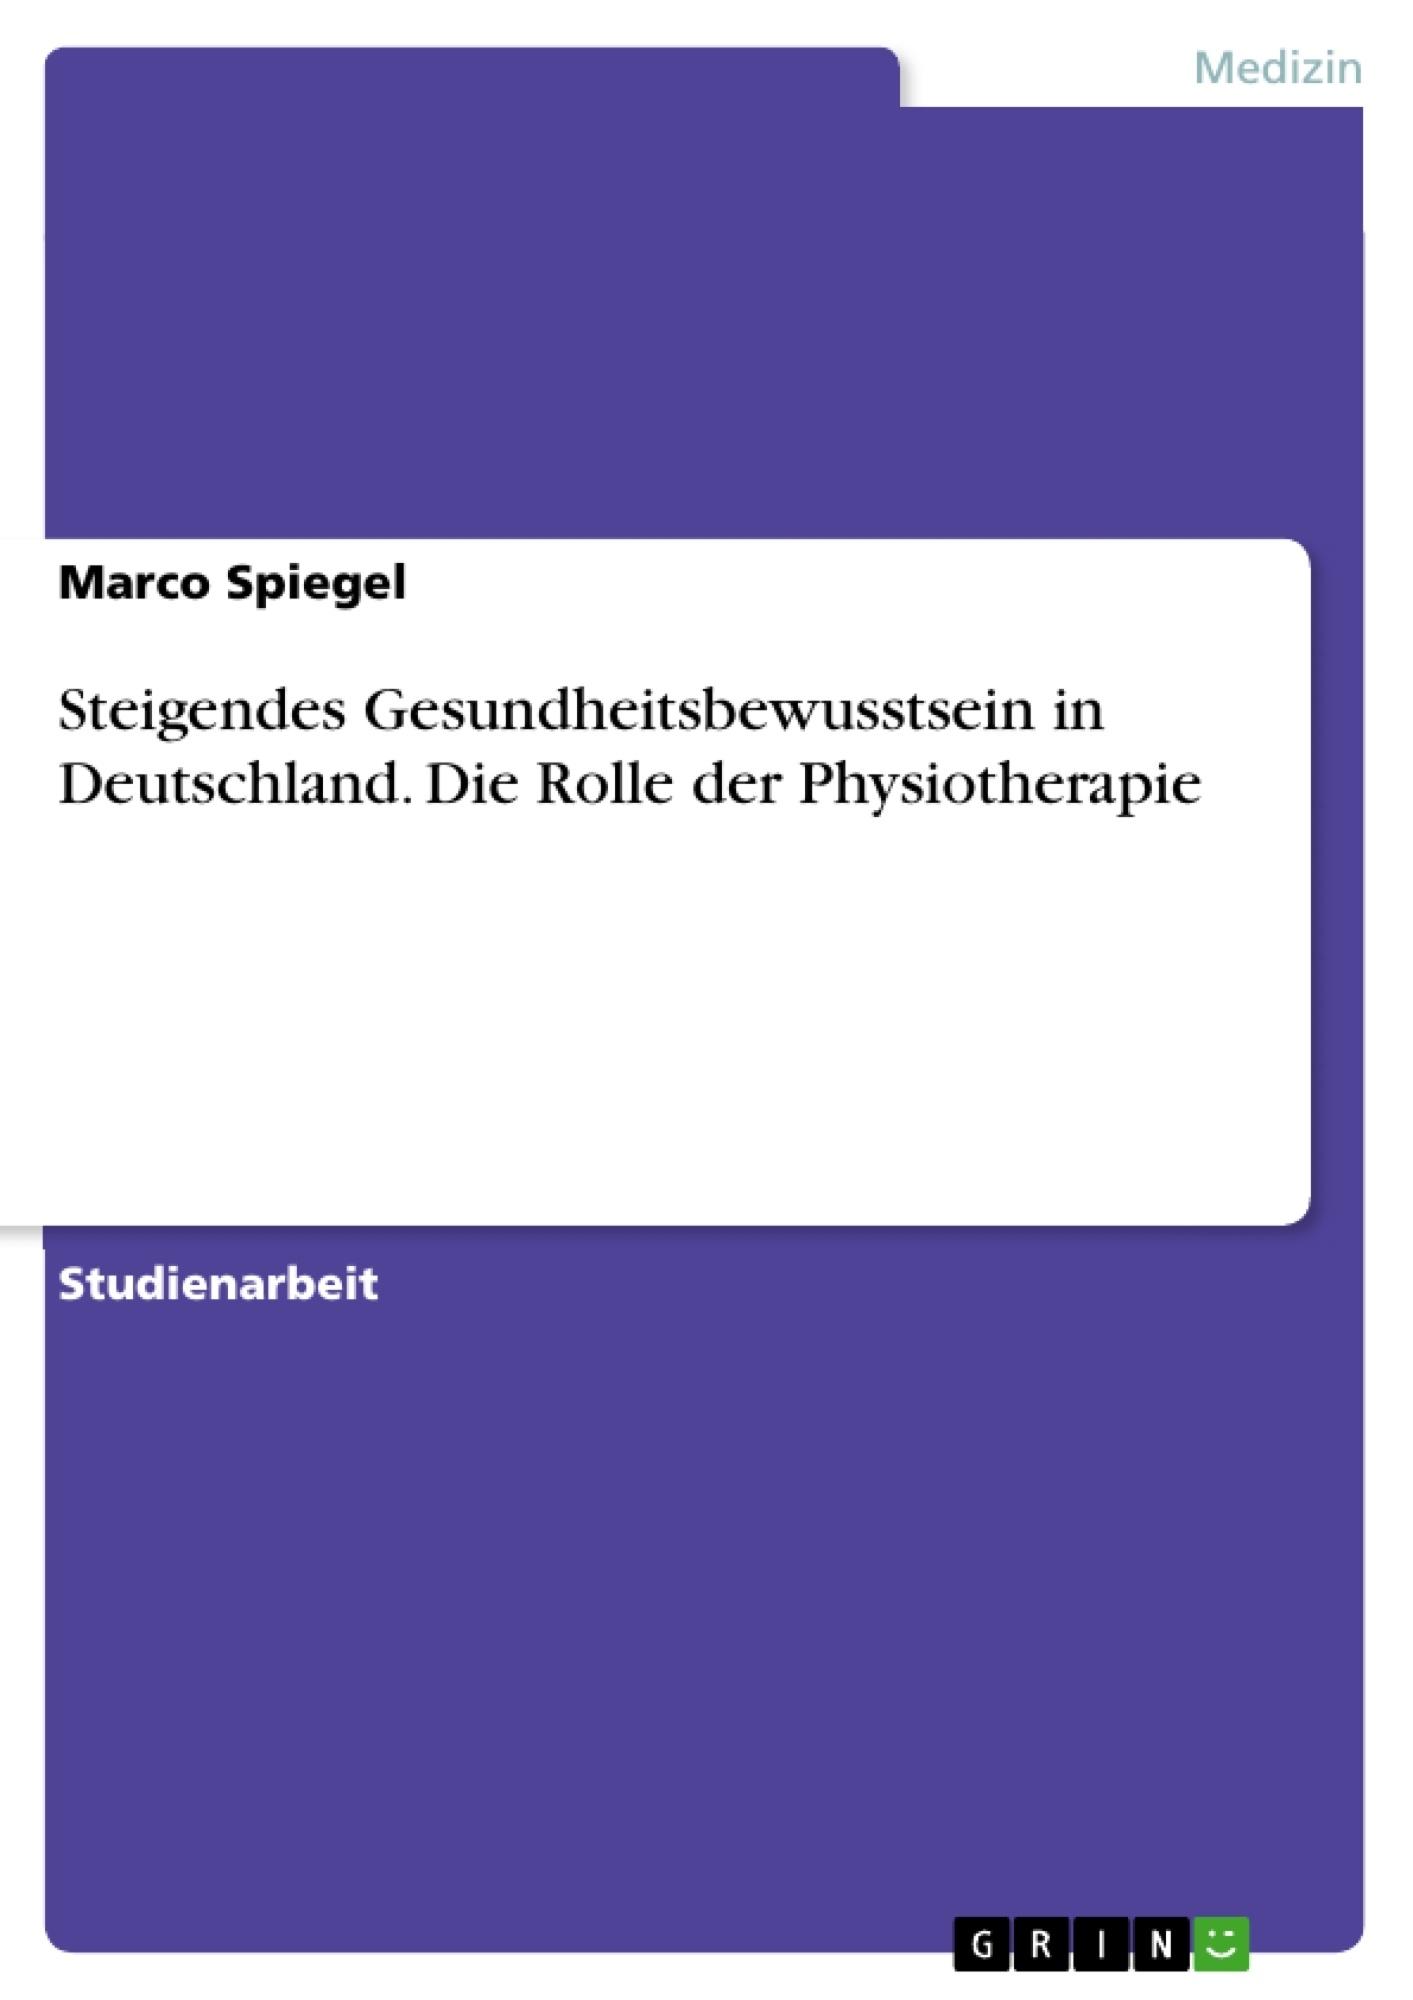 Titel: Steigendes Gesundheitsbewusstsein in Deutschland. Die Rolle der Physiotherapie